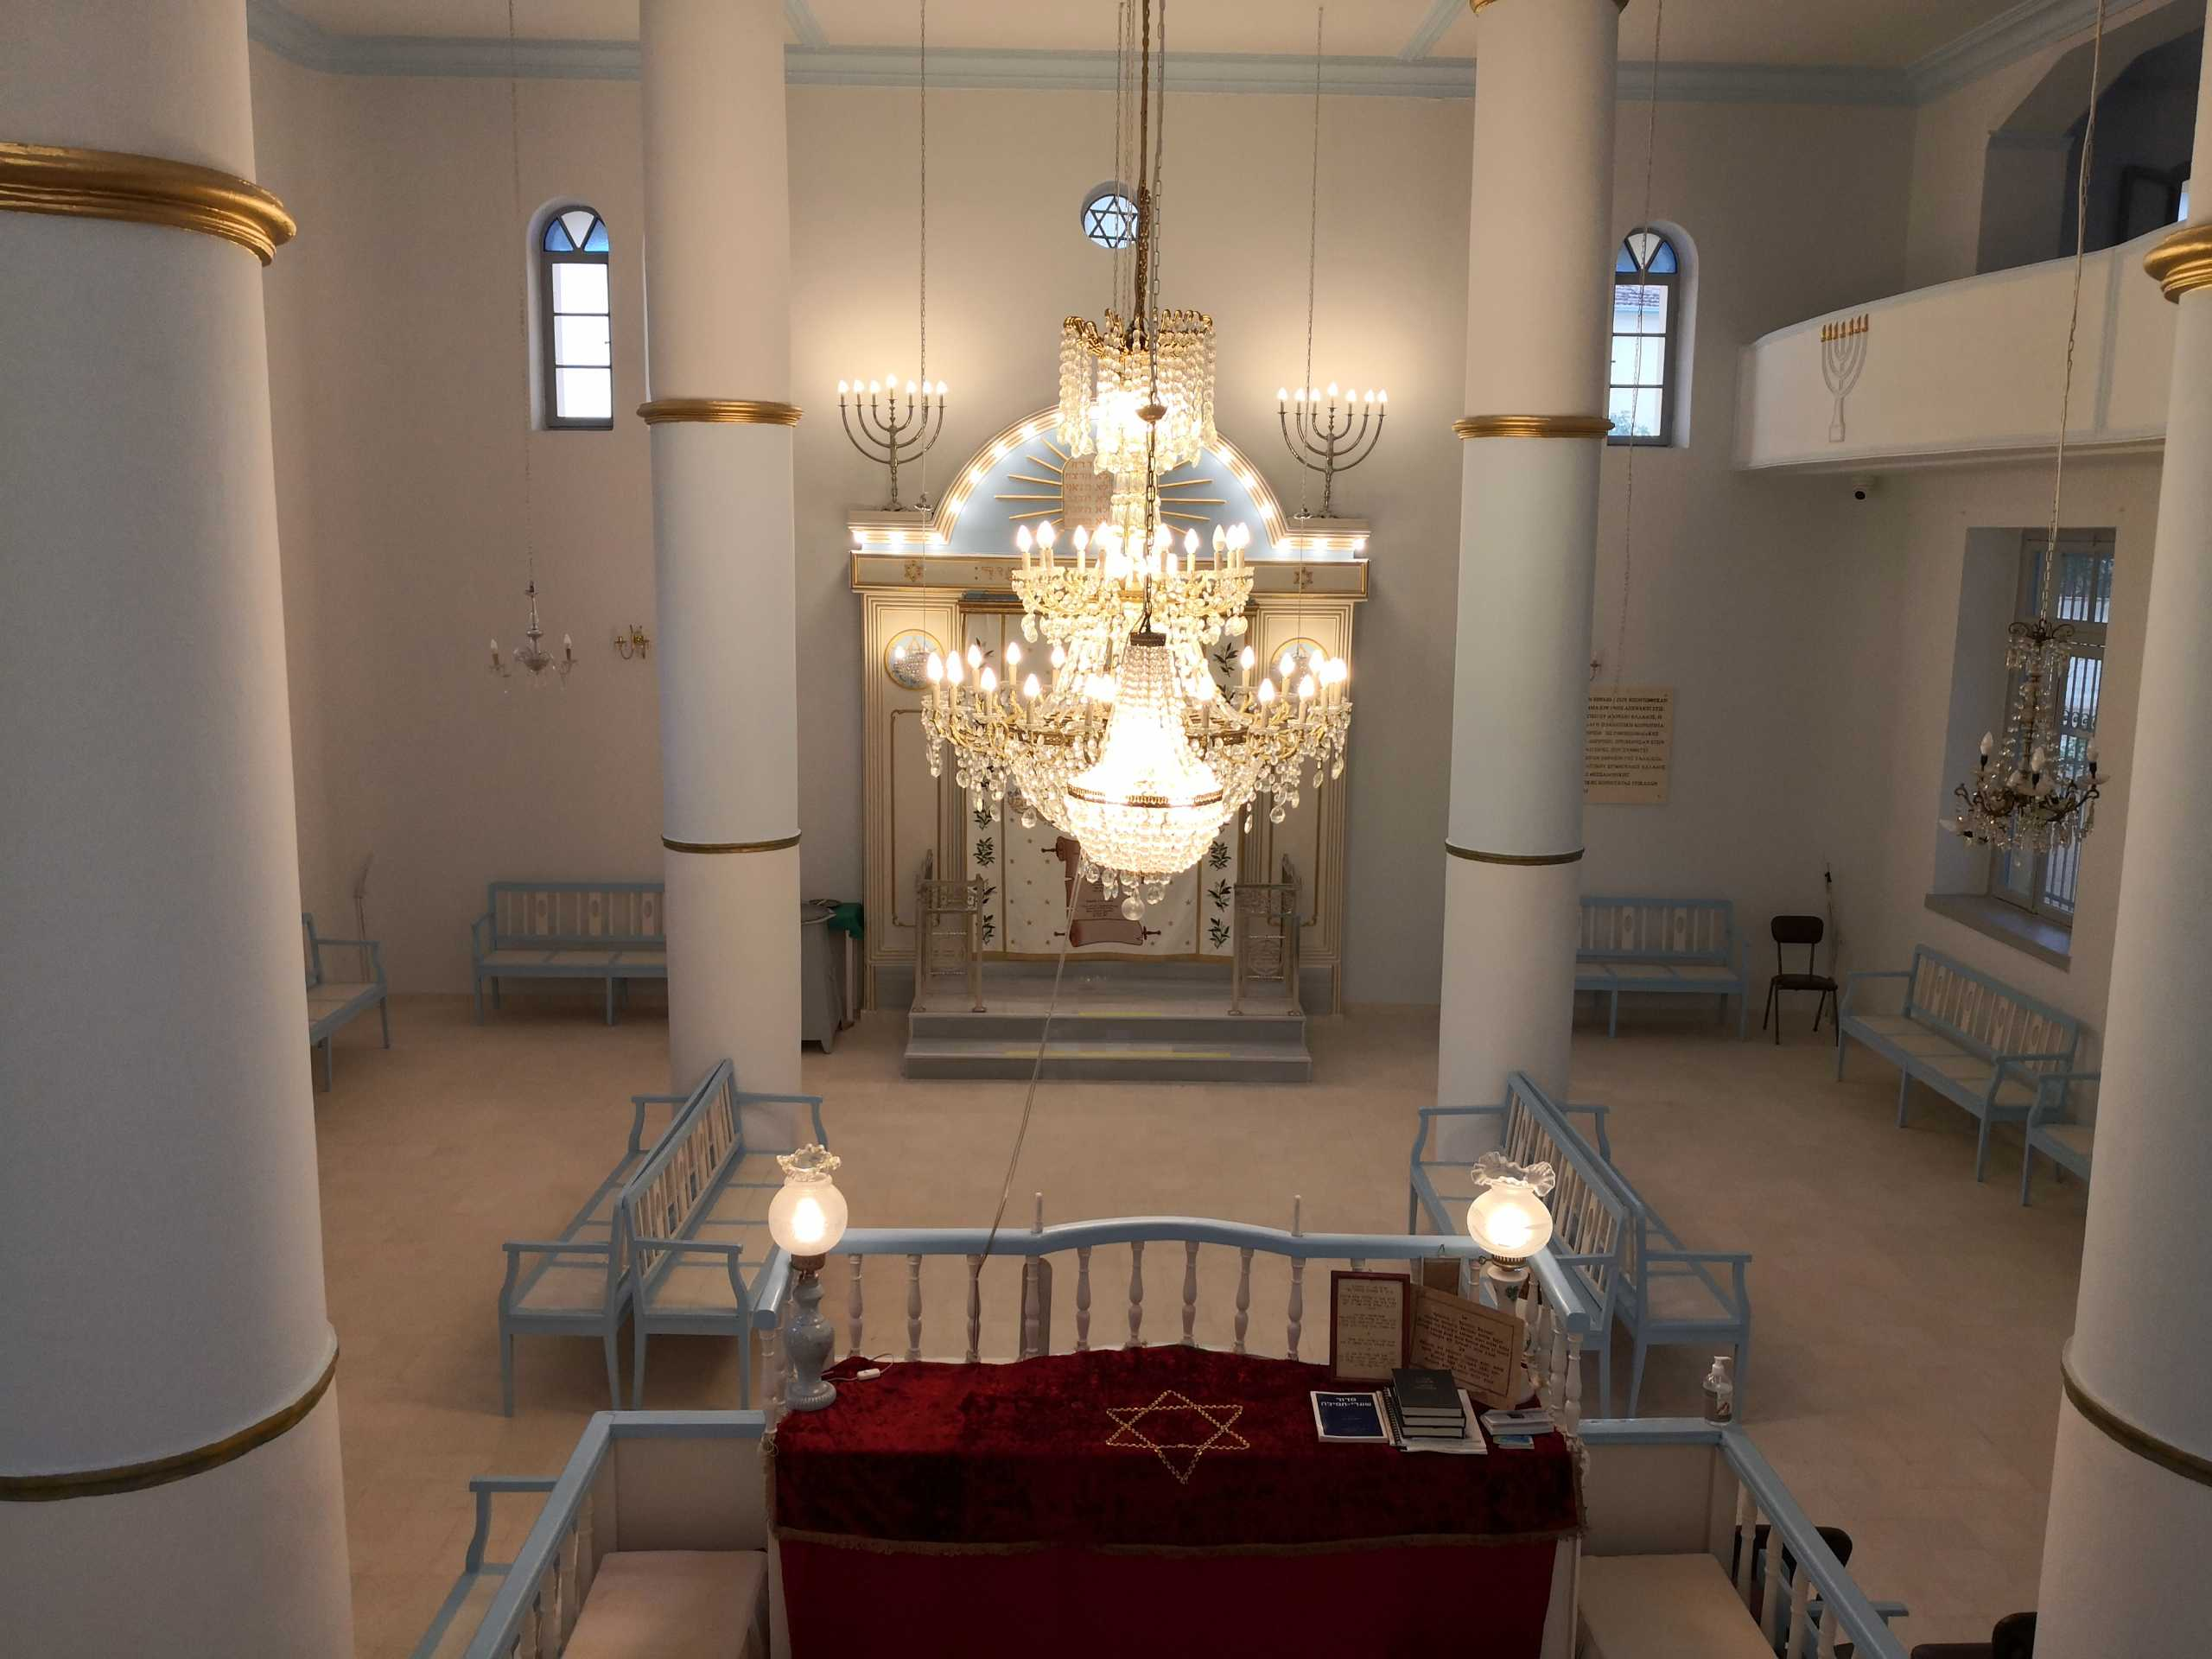 Τρίκαλα: Αγνώριστη η ανακαινισμένη Εβραϊκή Συναγωγή – Έτοιμη για να υποδεχτεί ξανά επισκέπτες